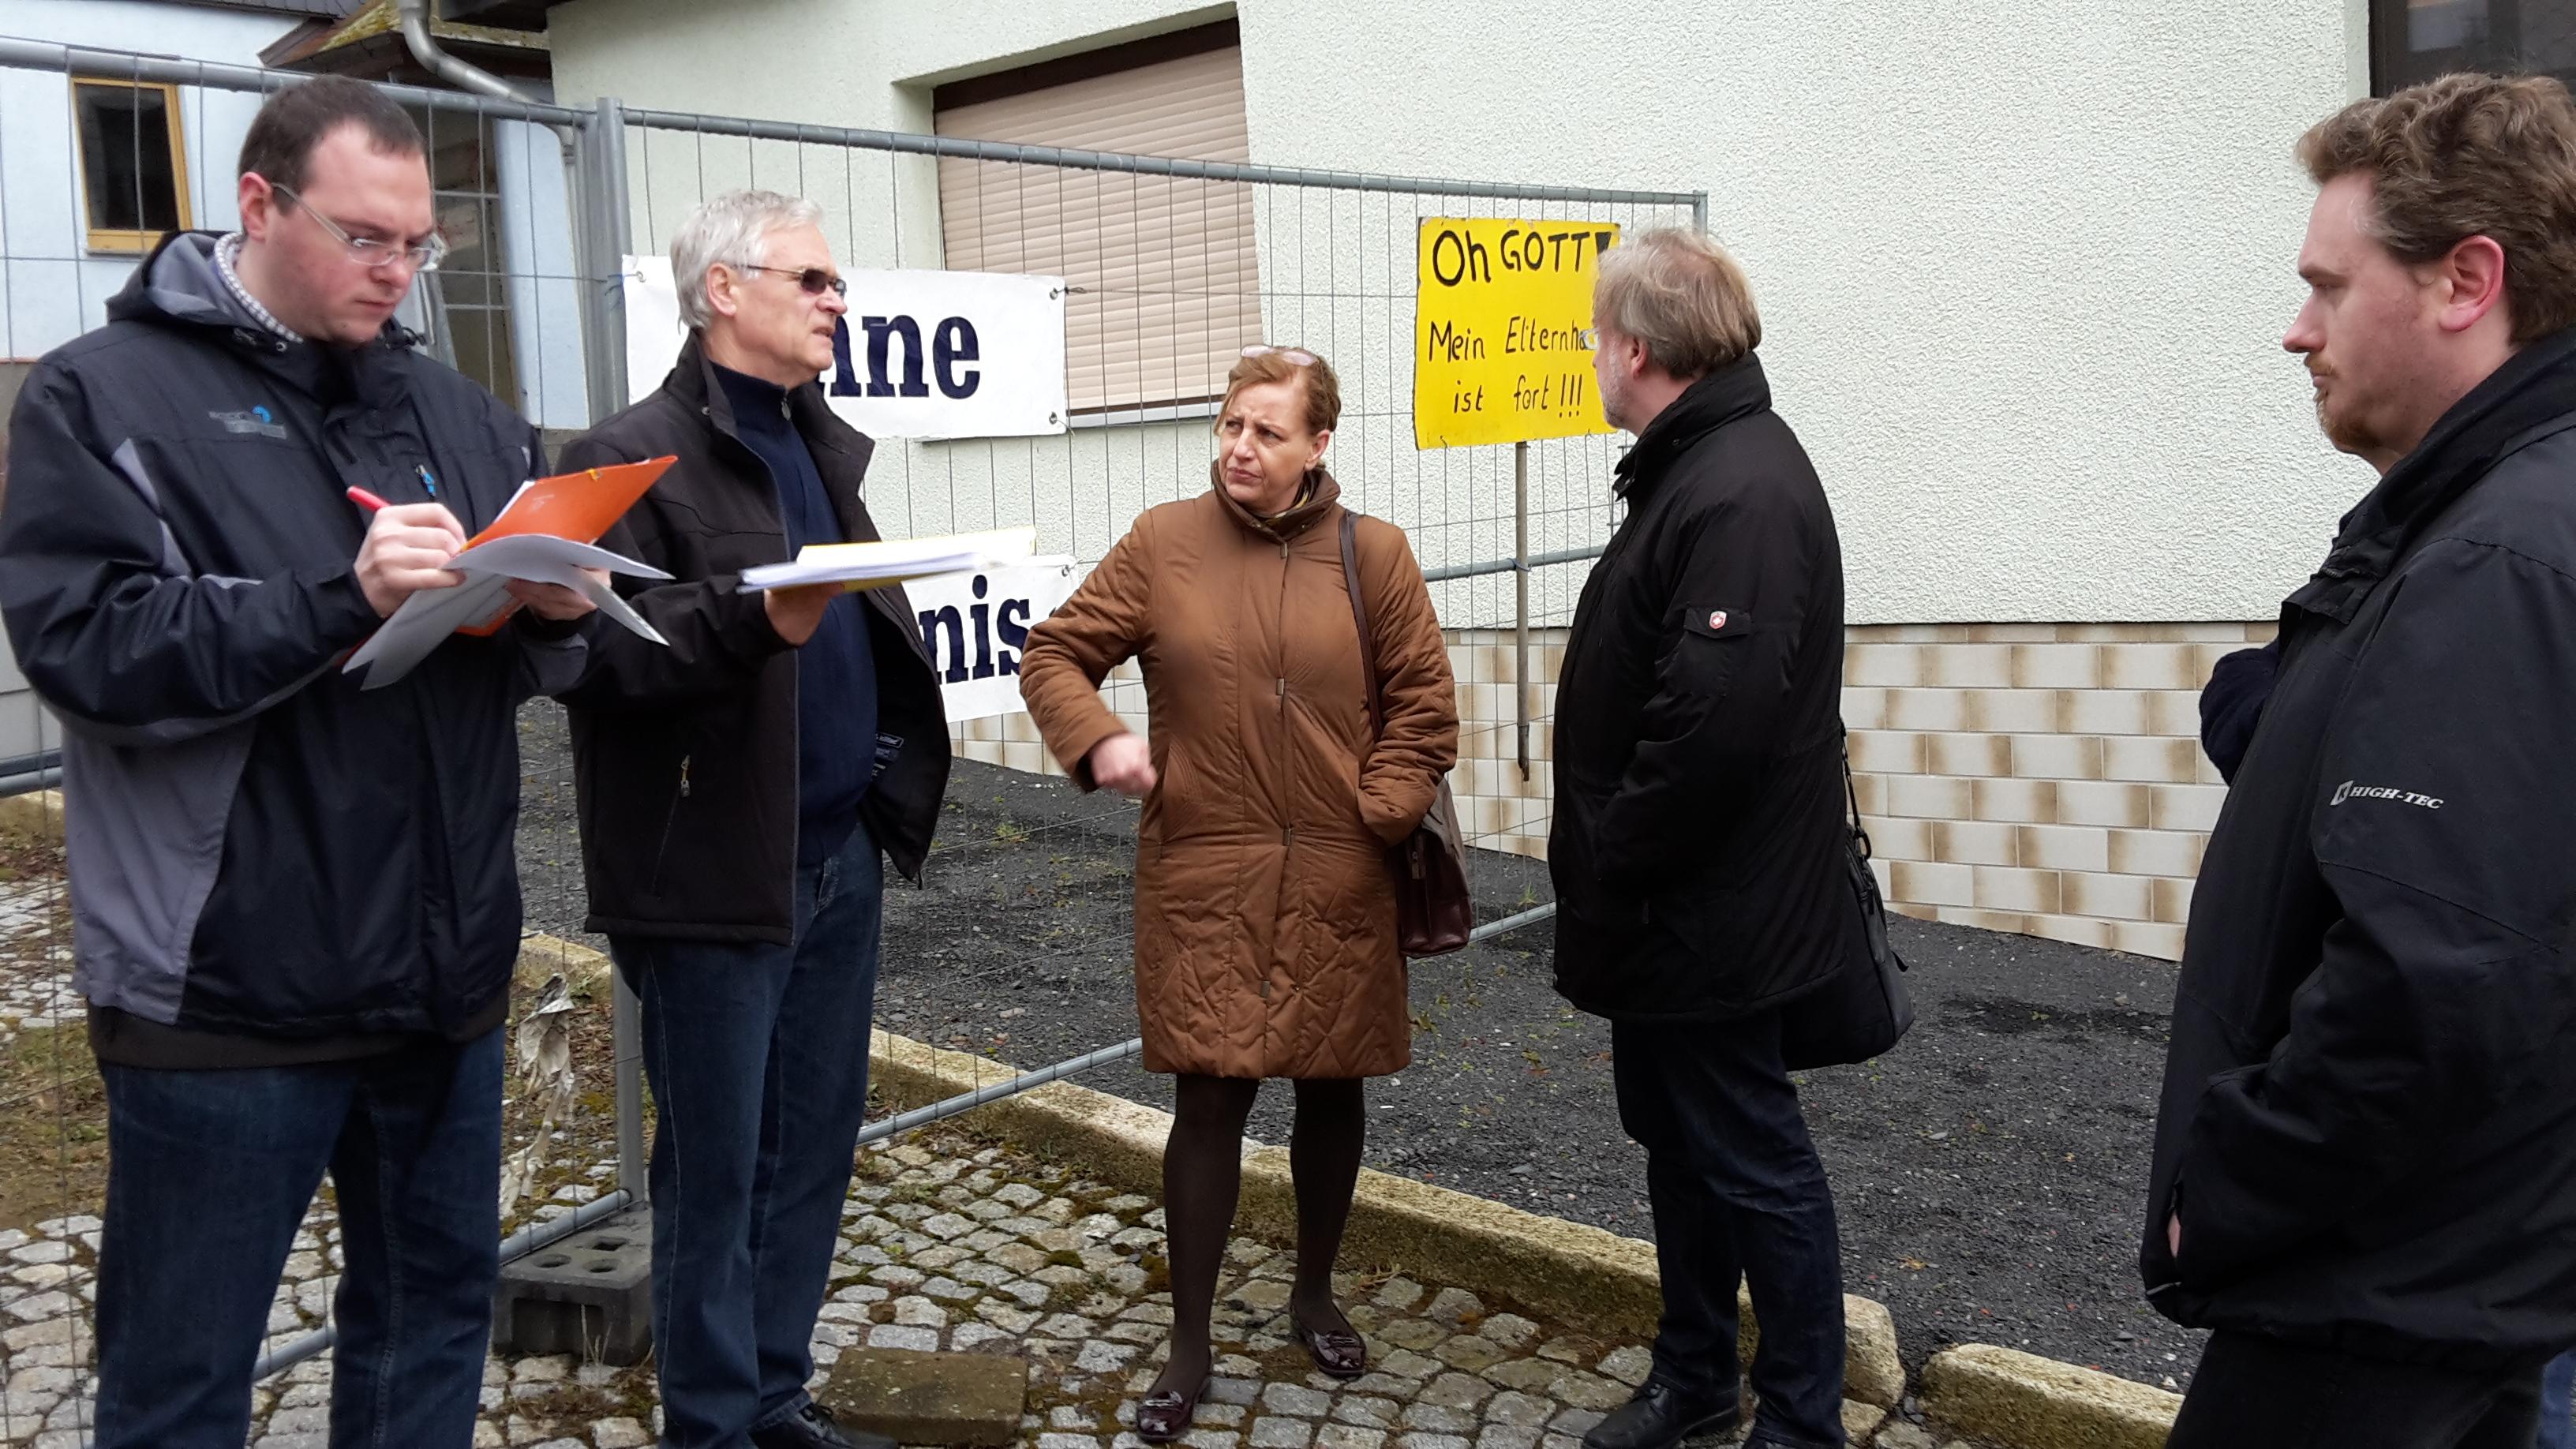 v.l.: Robert Geheeb (Mitarbeiter SPD-Landtagsfraktion), Kurt Block (Erdfallhilfeverein), Mühlbauer (SPD-Landtagsfraktion), Warnecke (SPD-Landtagsfraktion), Christian Gesang (SPD Wartburgkreis)